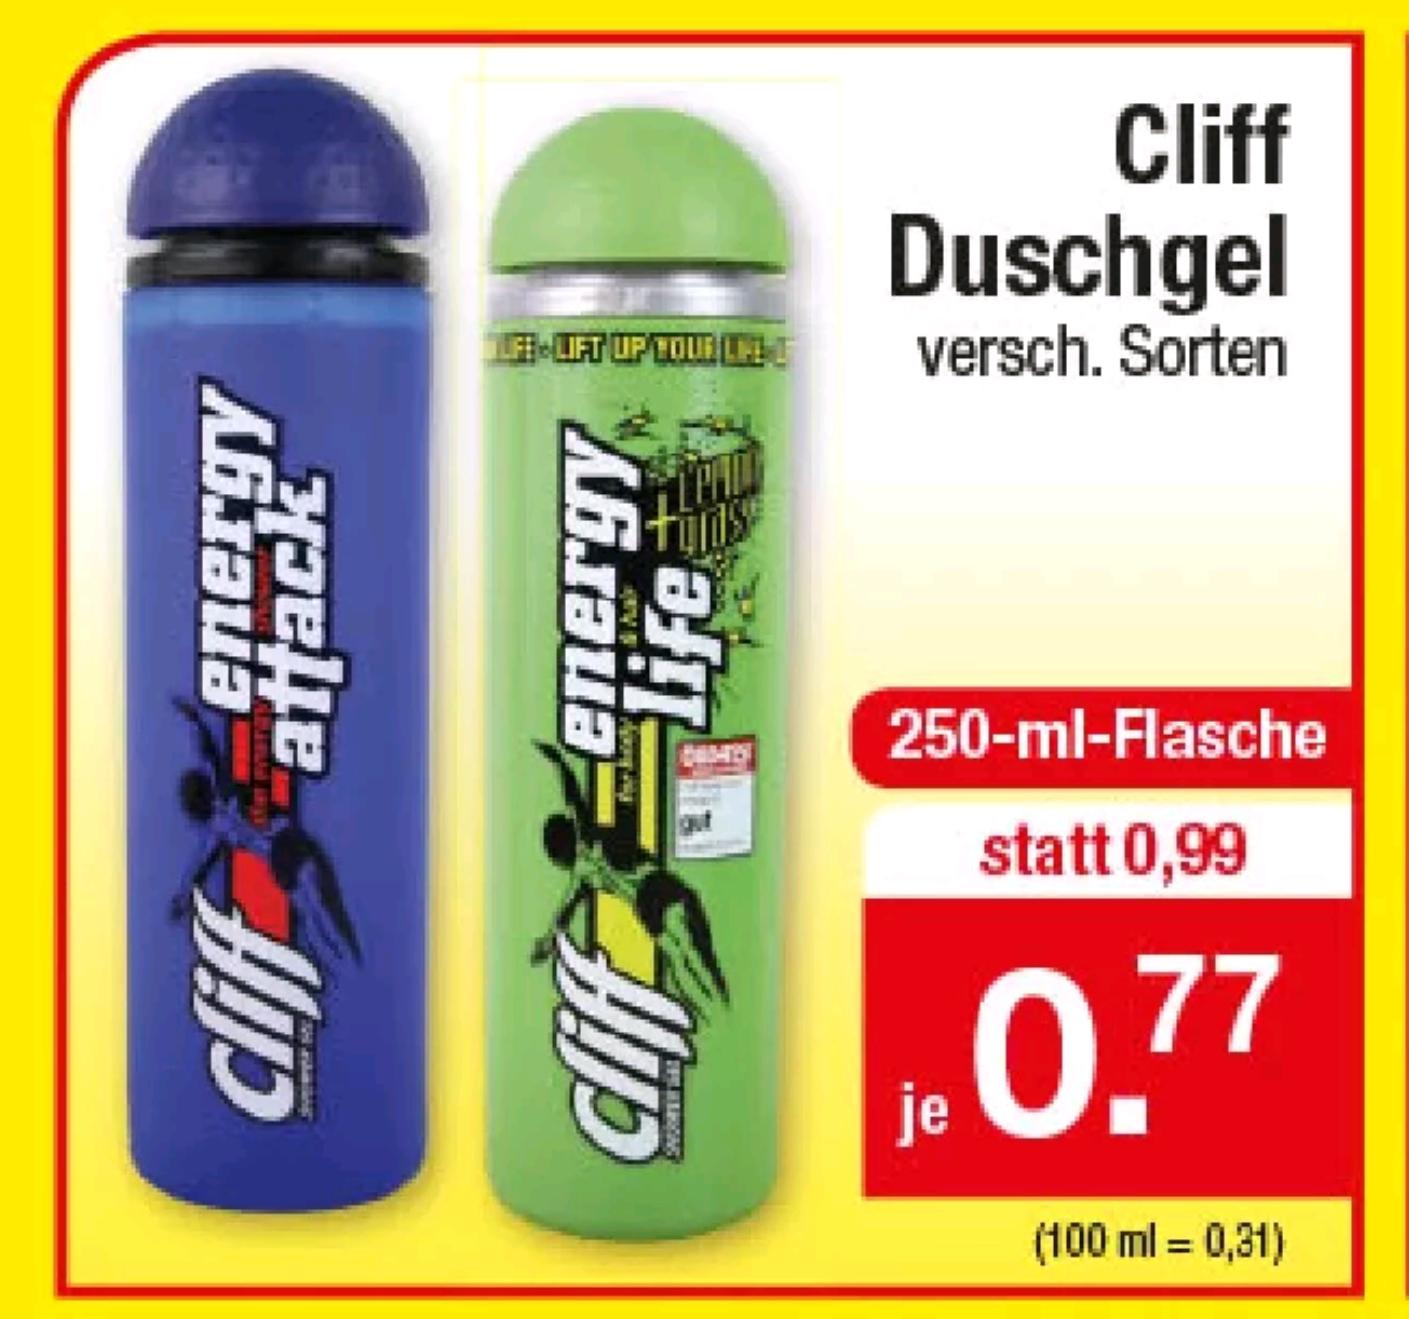 [Zimmermann] Cliff Duschgel - versch. Sorten (11.-15.06.)